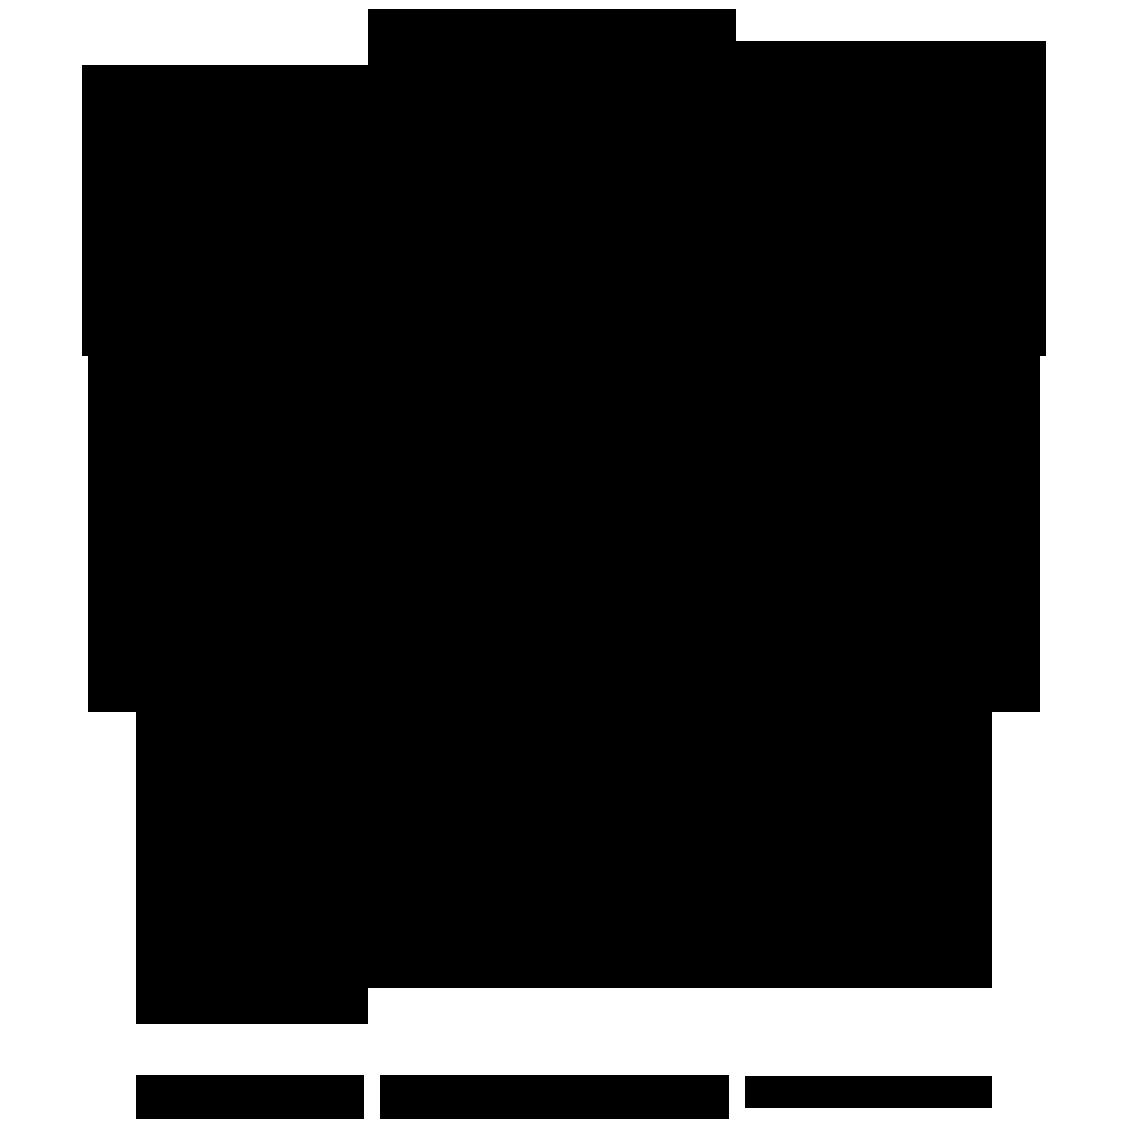 PNG-logo-gestav-com-carre